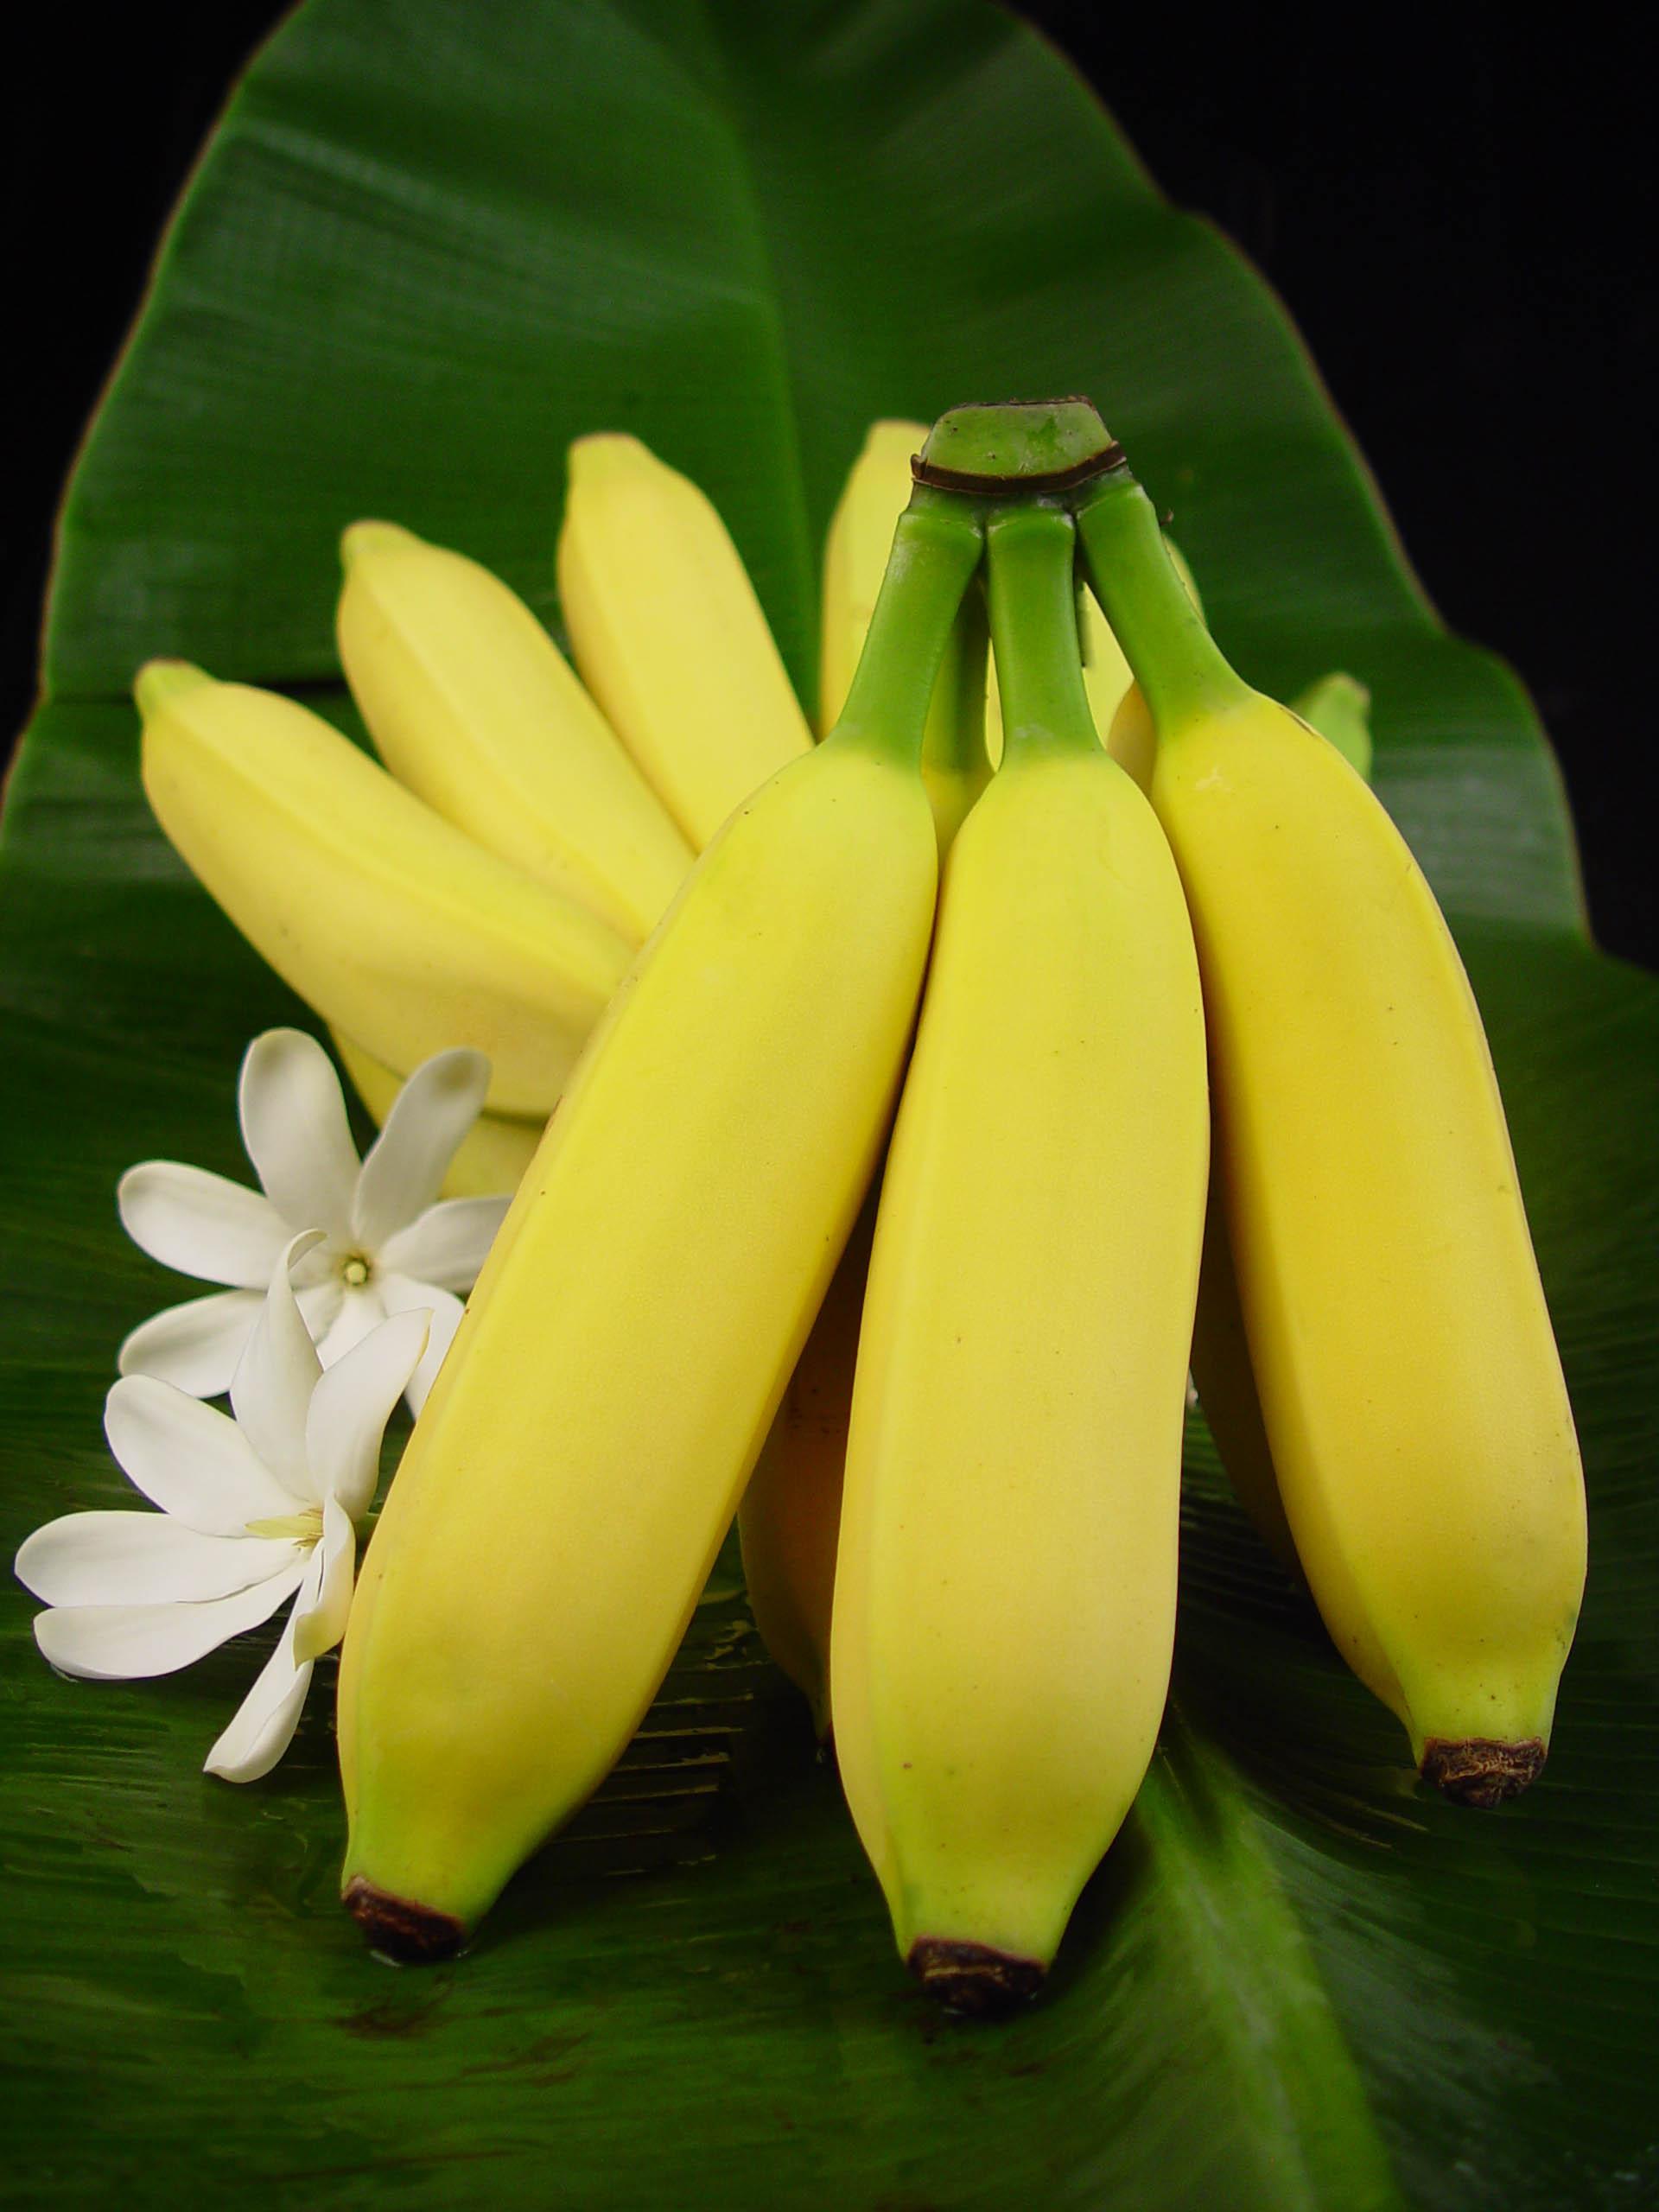 Ohana Banana Farm Home Of The Hawaiian Candy Apple Banana